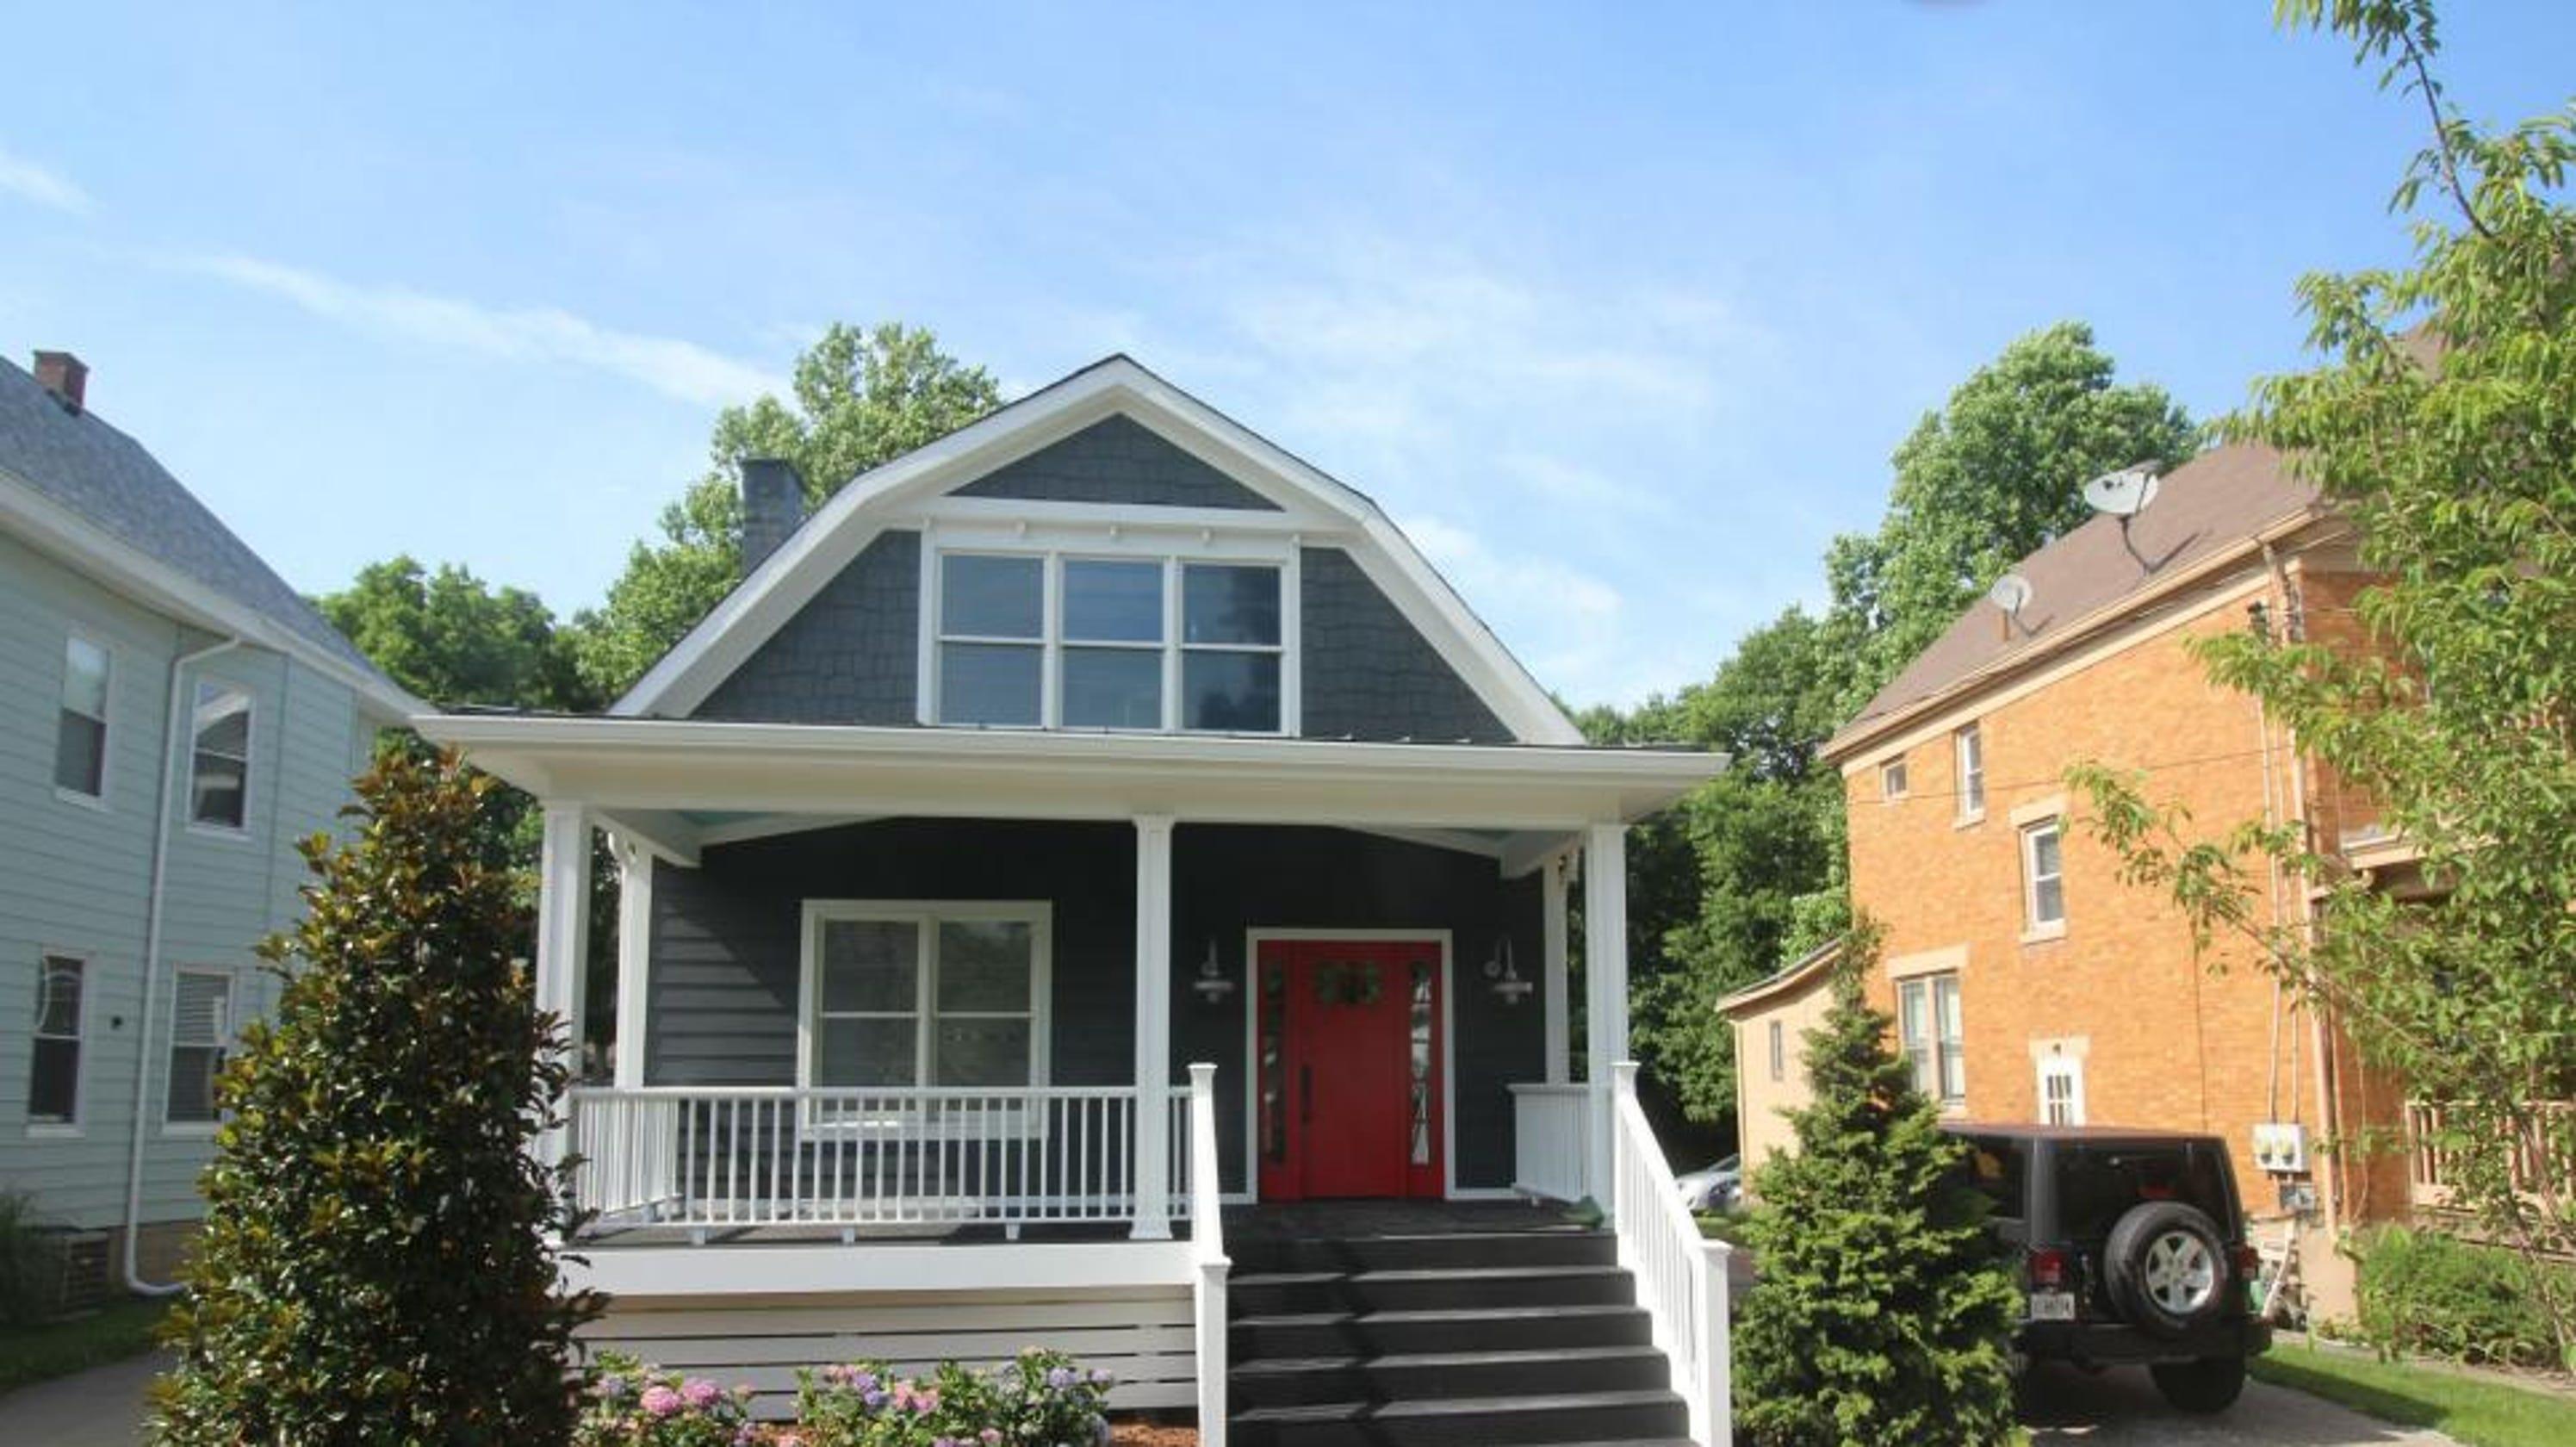 Hgtv Urban Oasis 2018 Home Is In Cincinnati S Oakley Neighborhood